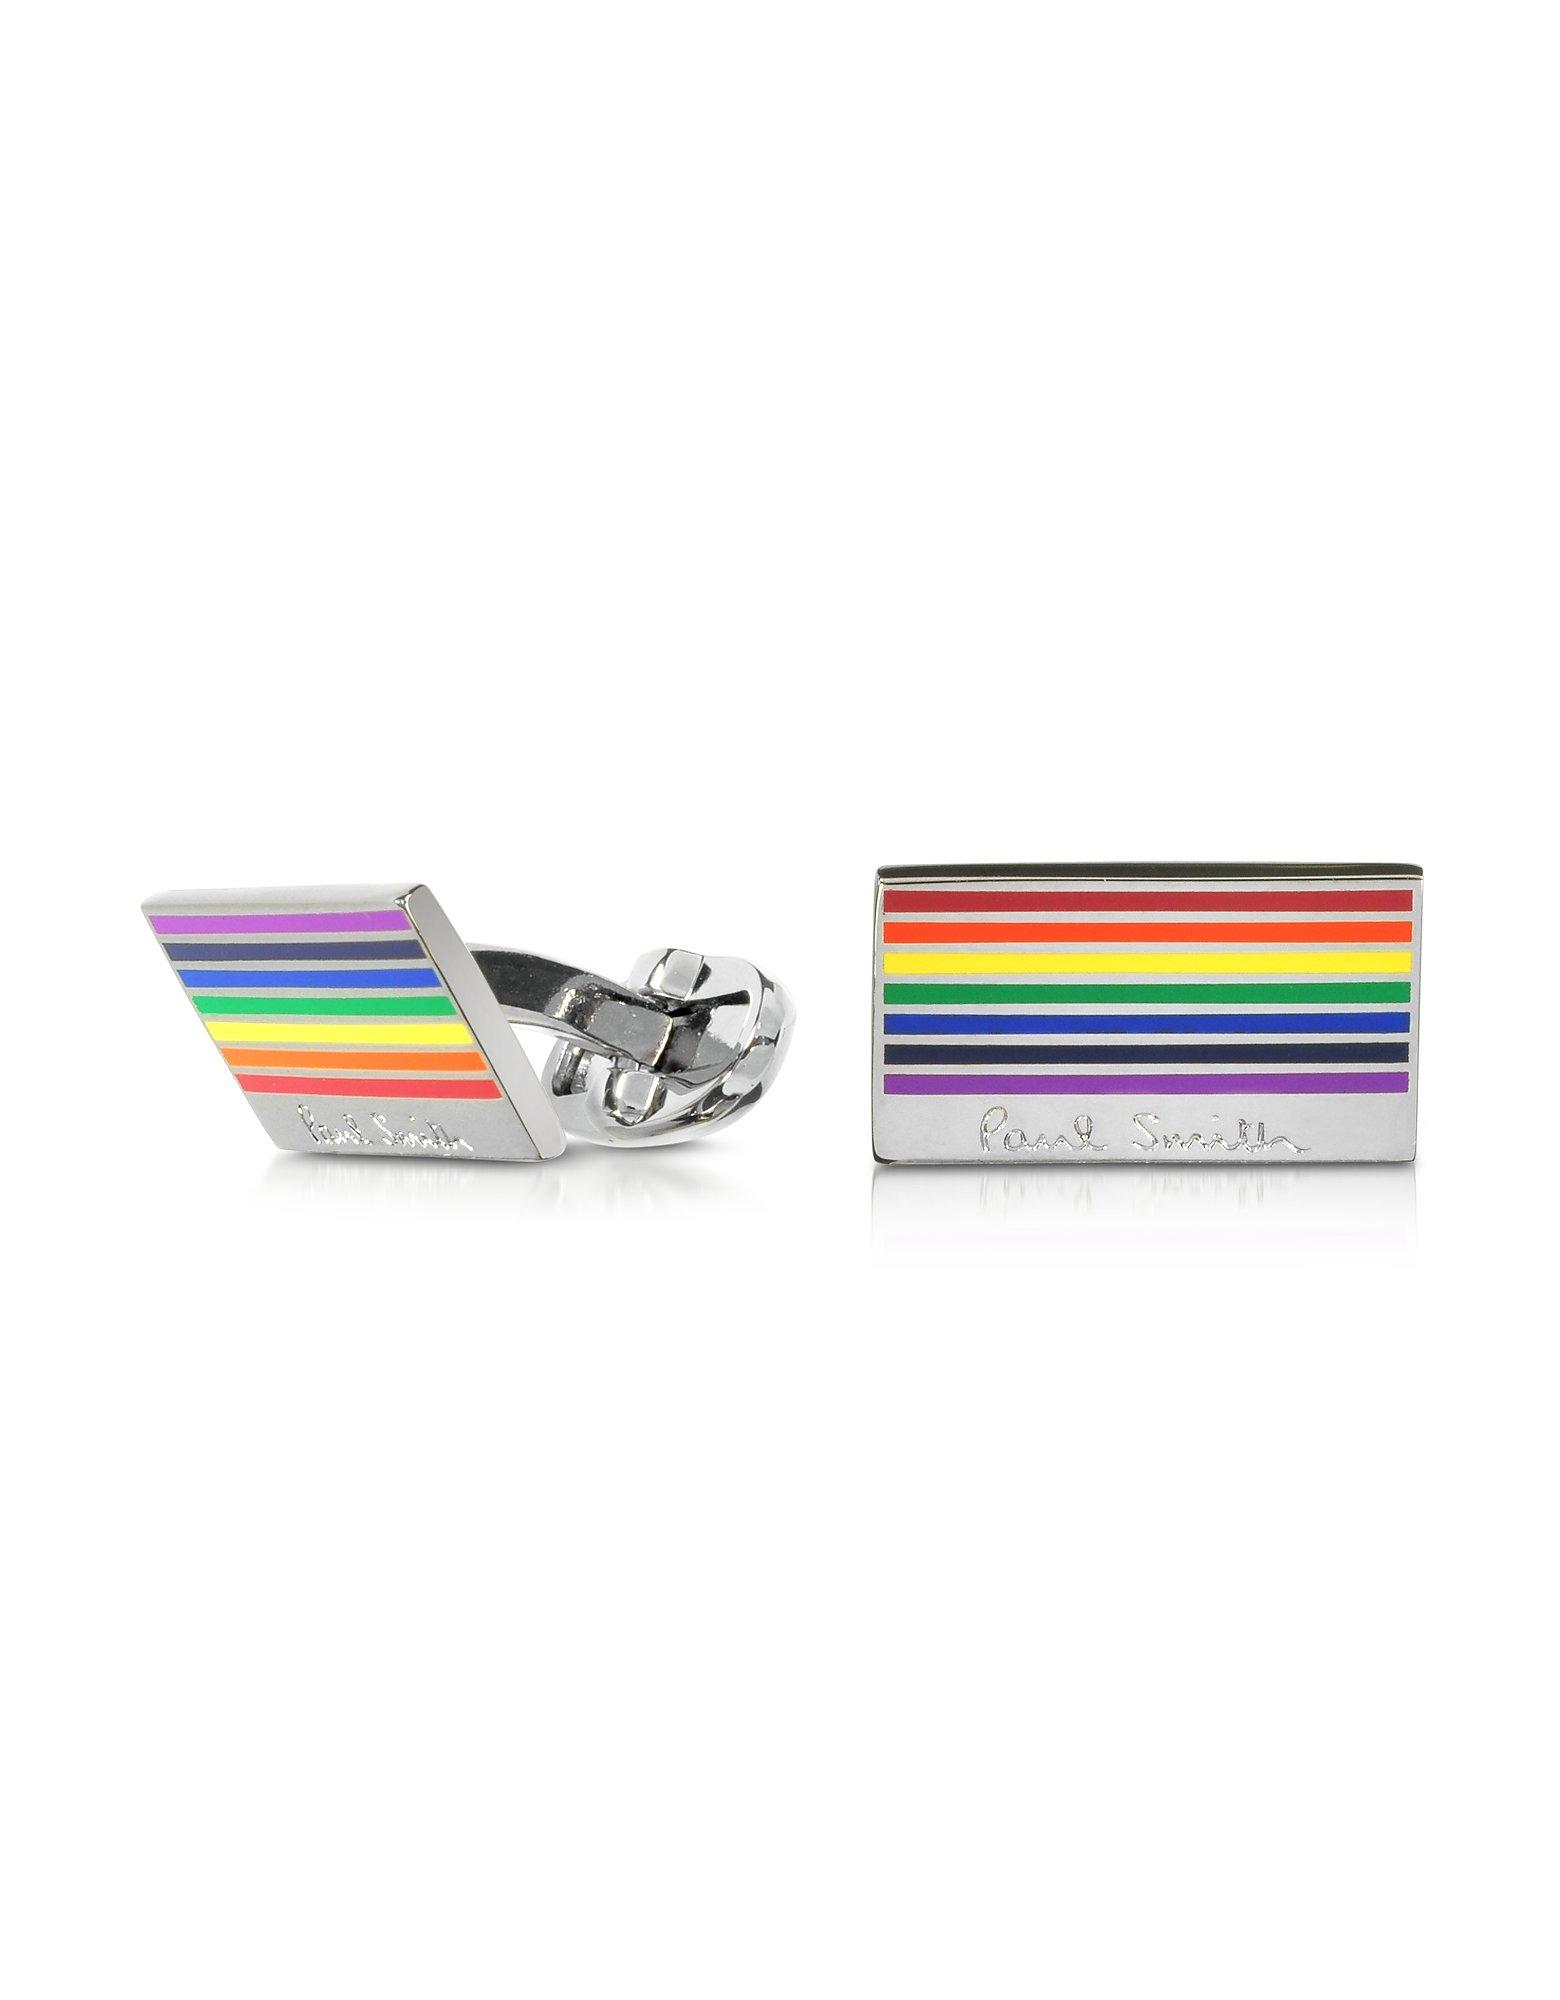 Paul Smith Men's Atxccuffrainb97 Multicolor Metal Cuff Links